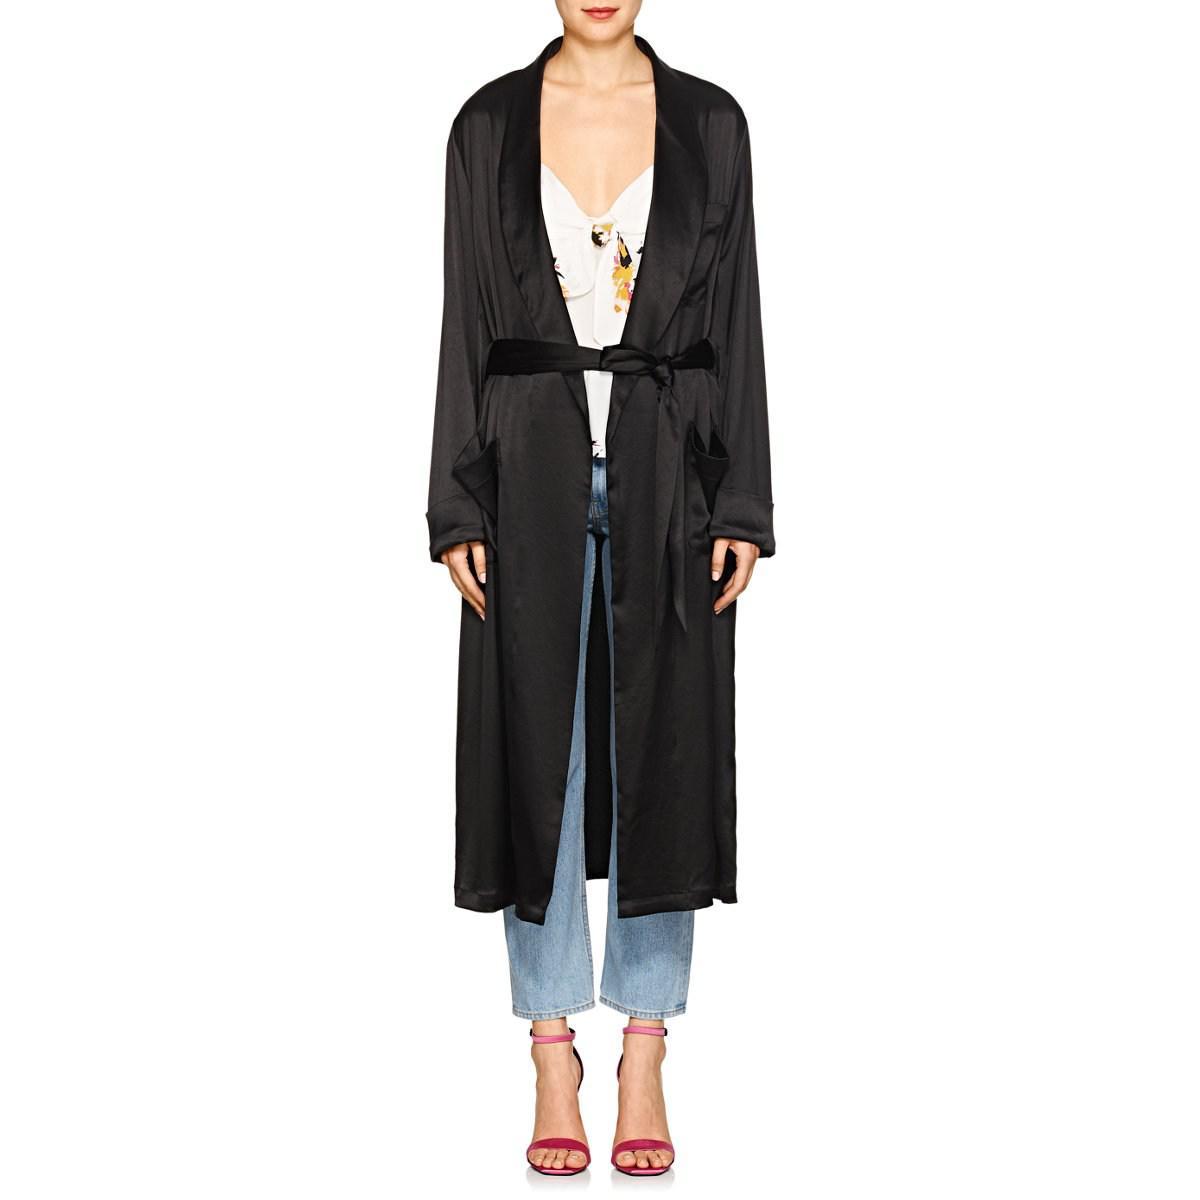 596c321c1bfce Icons Satin Robe Coat in Black - Lyst